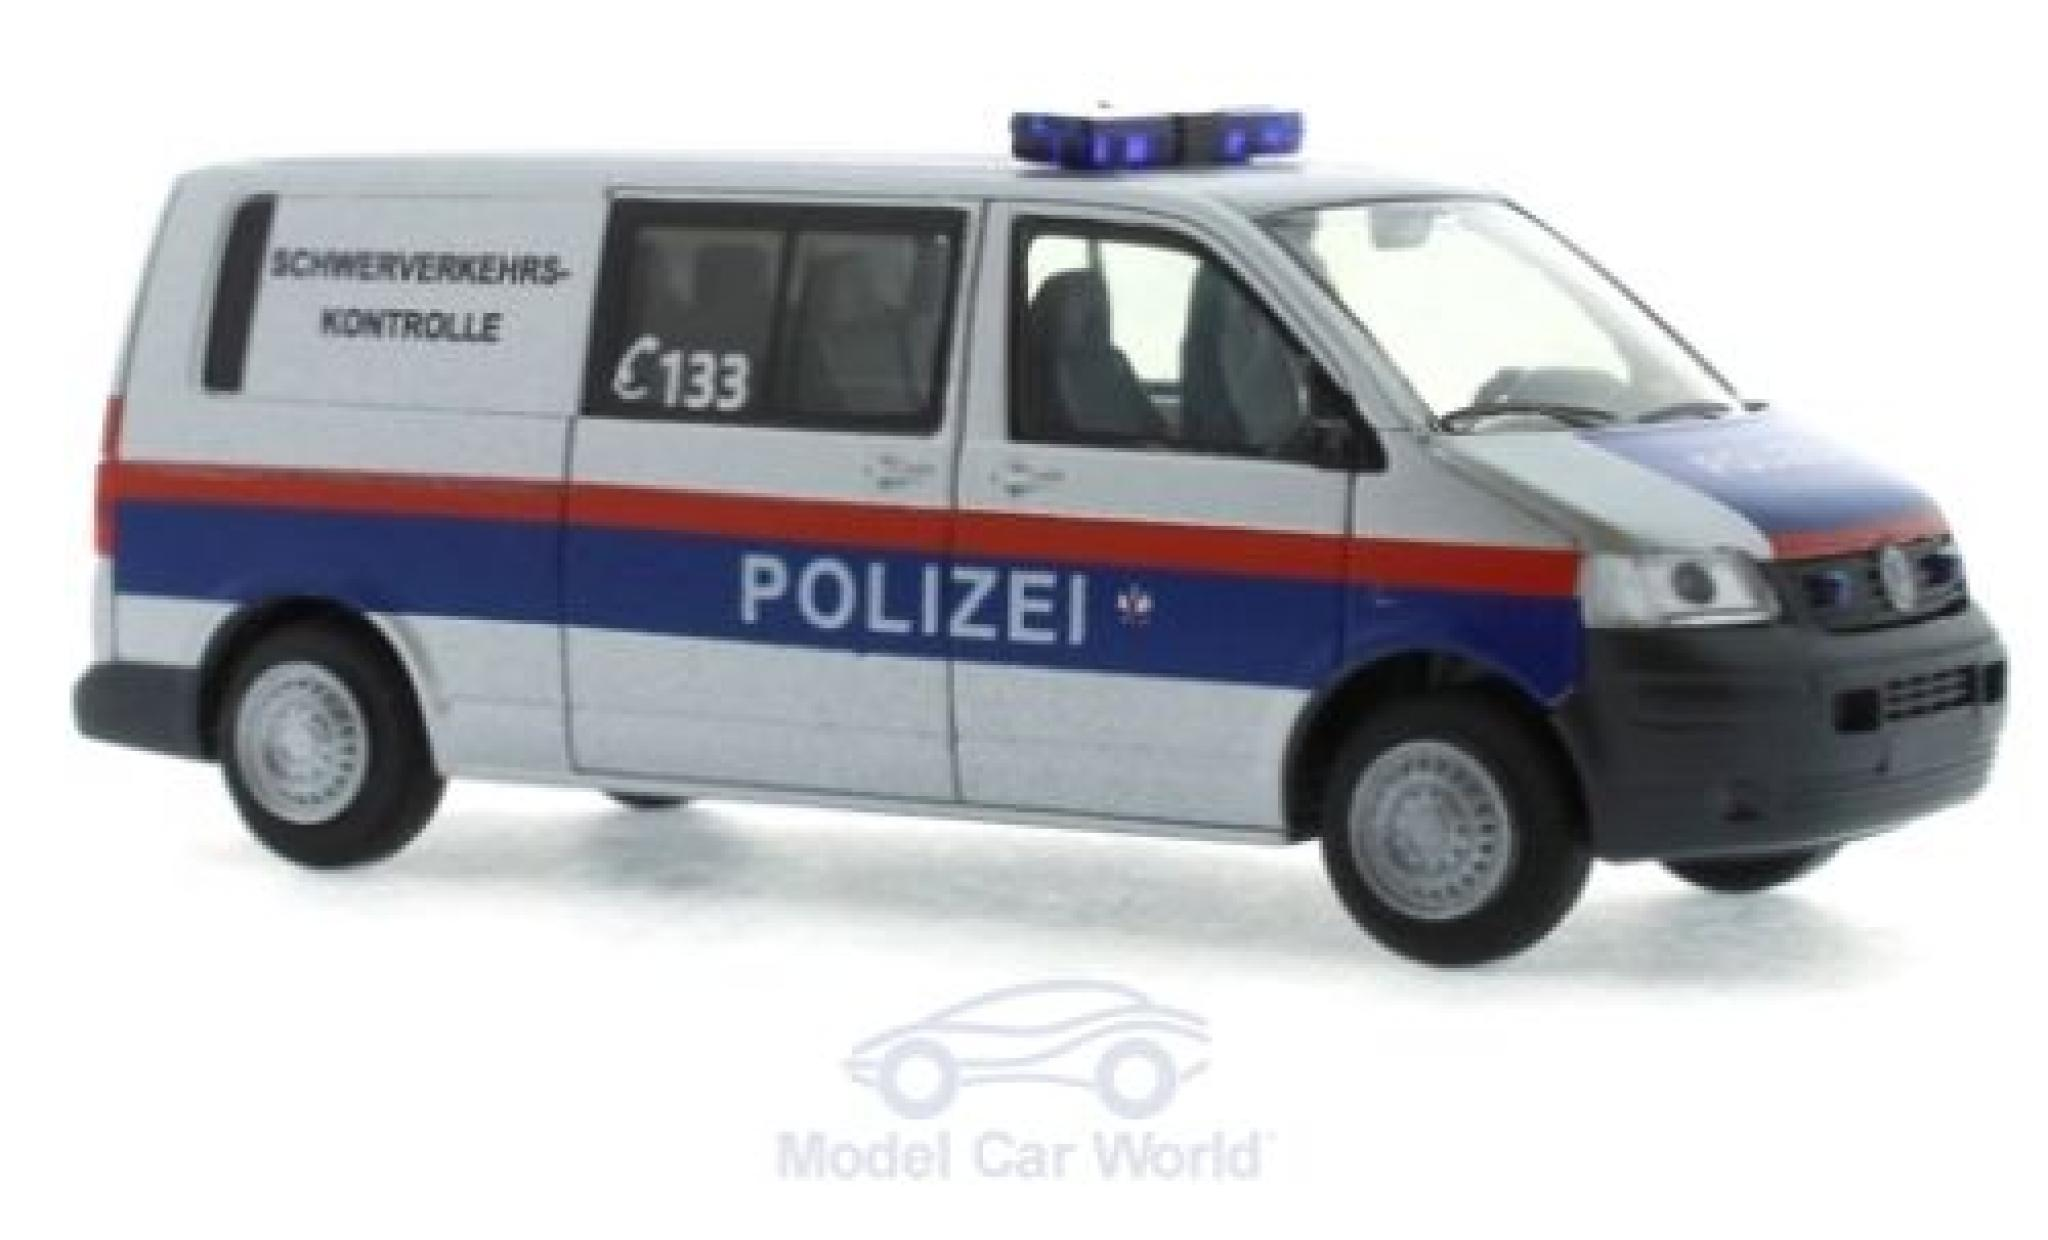 Volkswagen T5 1/87 Rietze Halbbus Polizei - Schwerverkehrskontrolle (AT) 2003